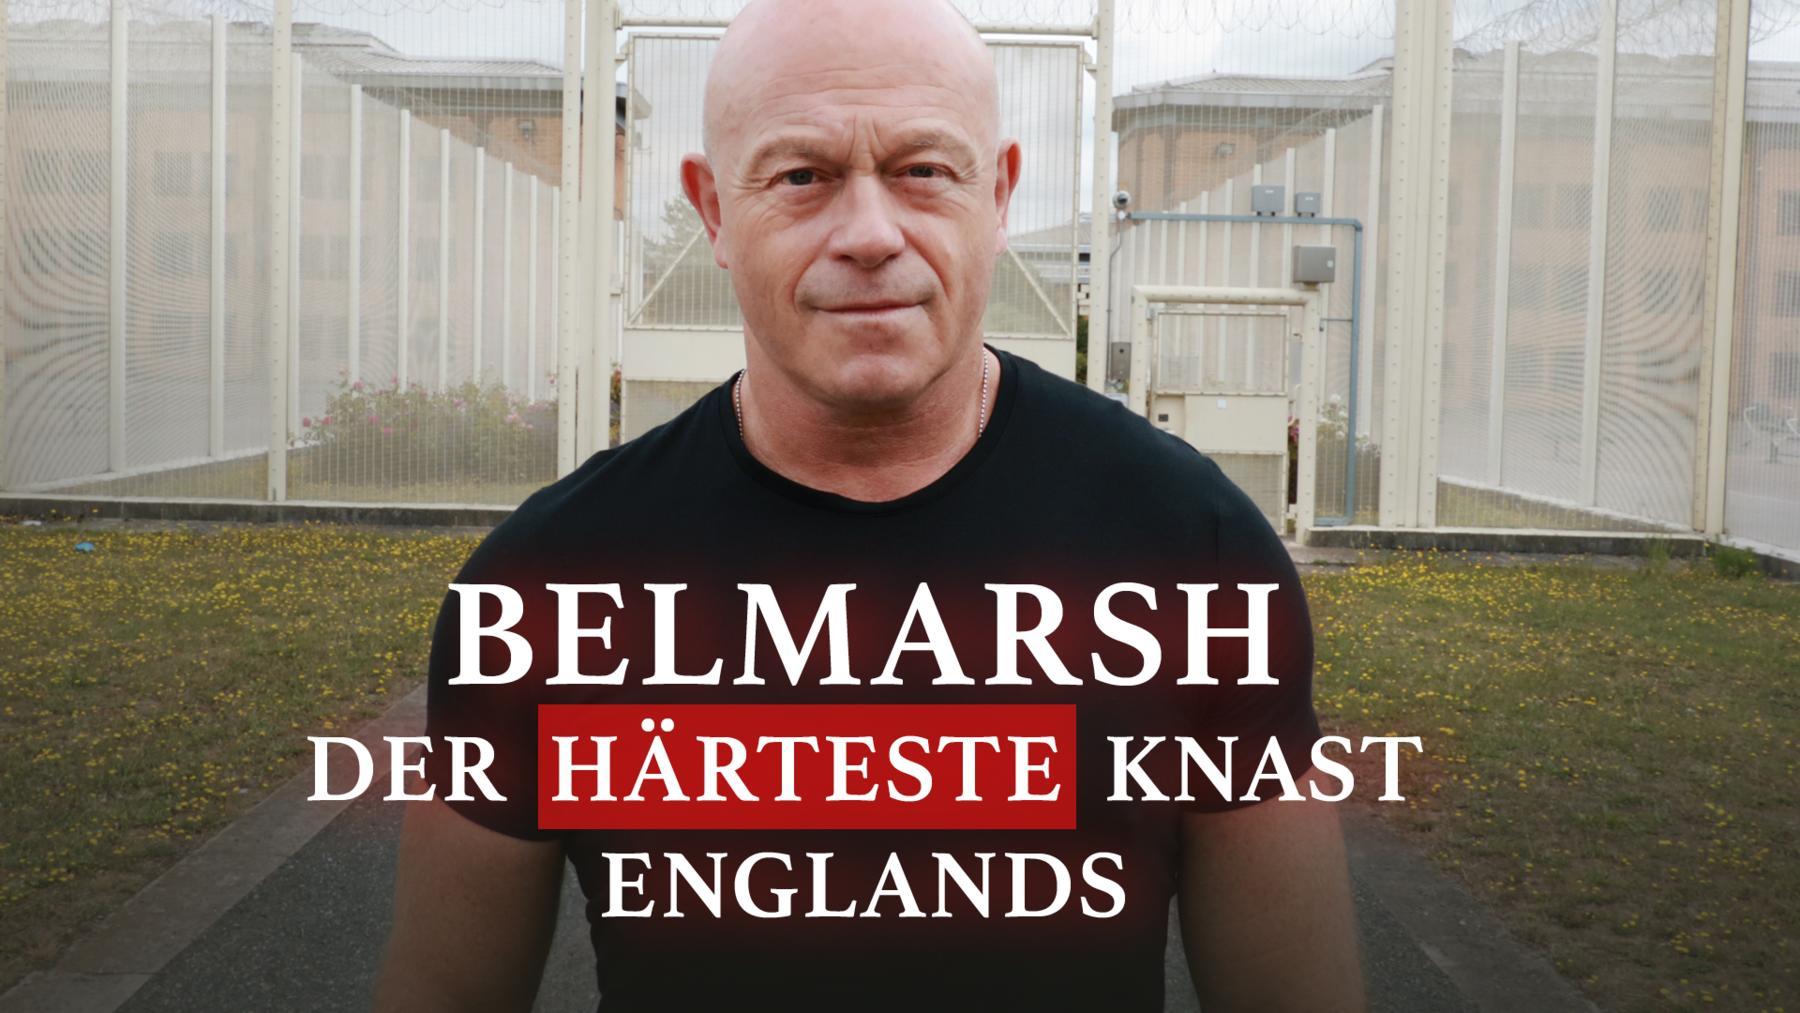 Belmarsh - Der härteste Knast Englands